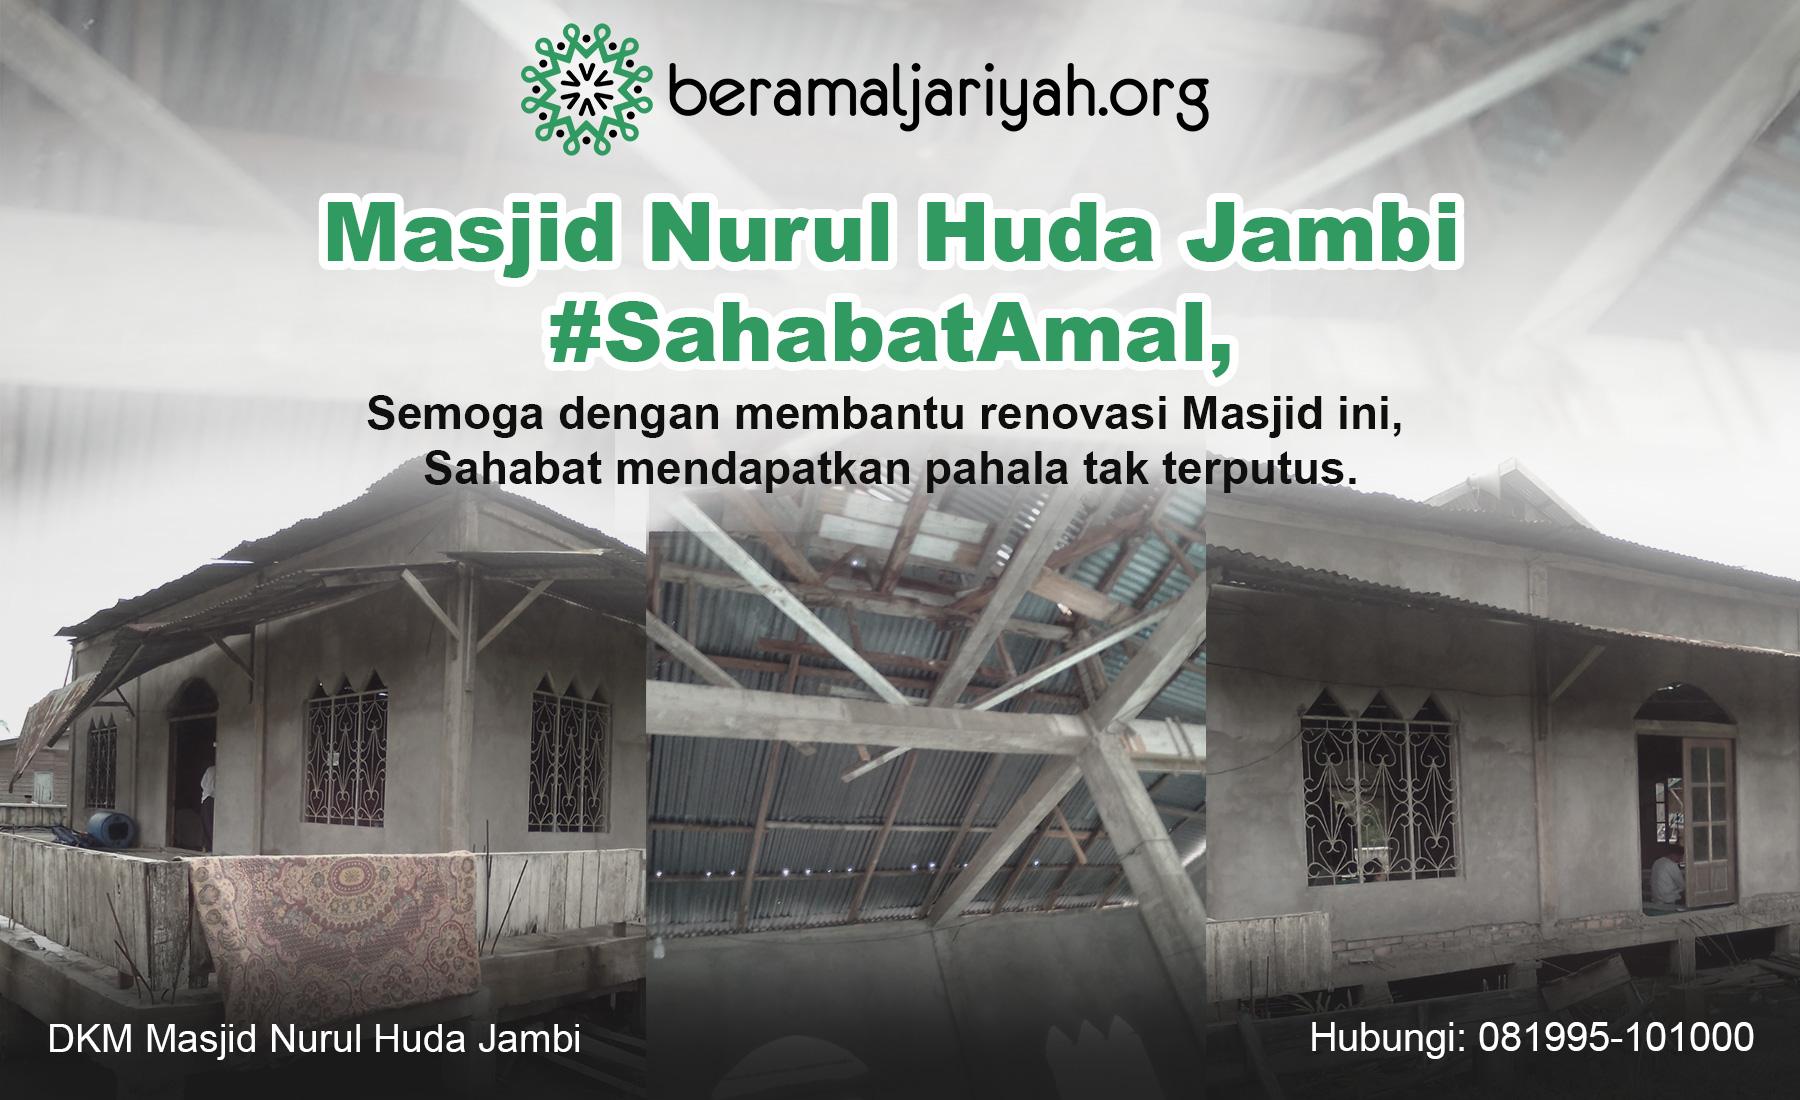 Wakaf Masjid Bersejarah Dibangun 1918, Satu-satunya Sarana Ibadah Warga Setempat (Jambi)